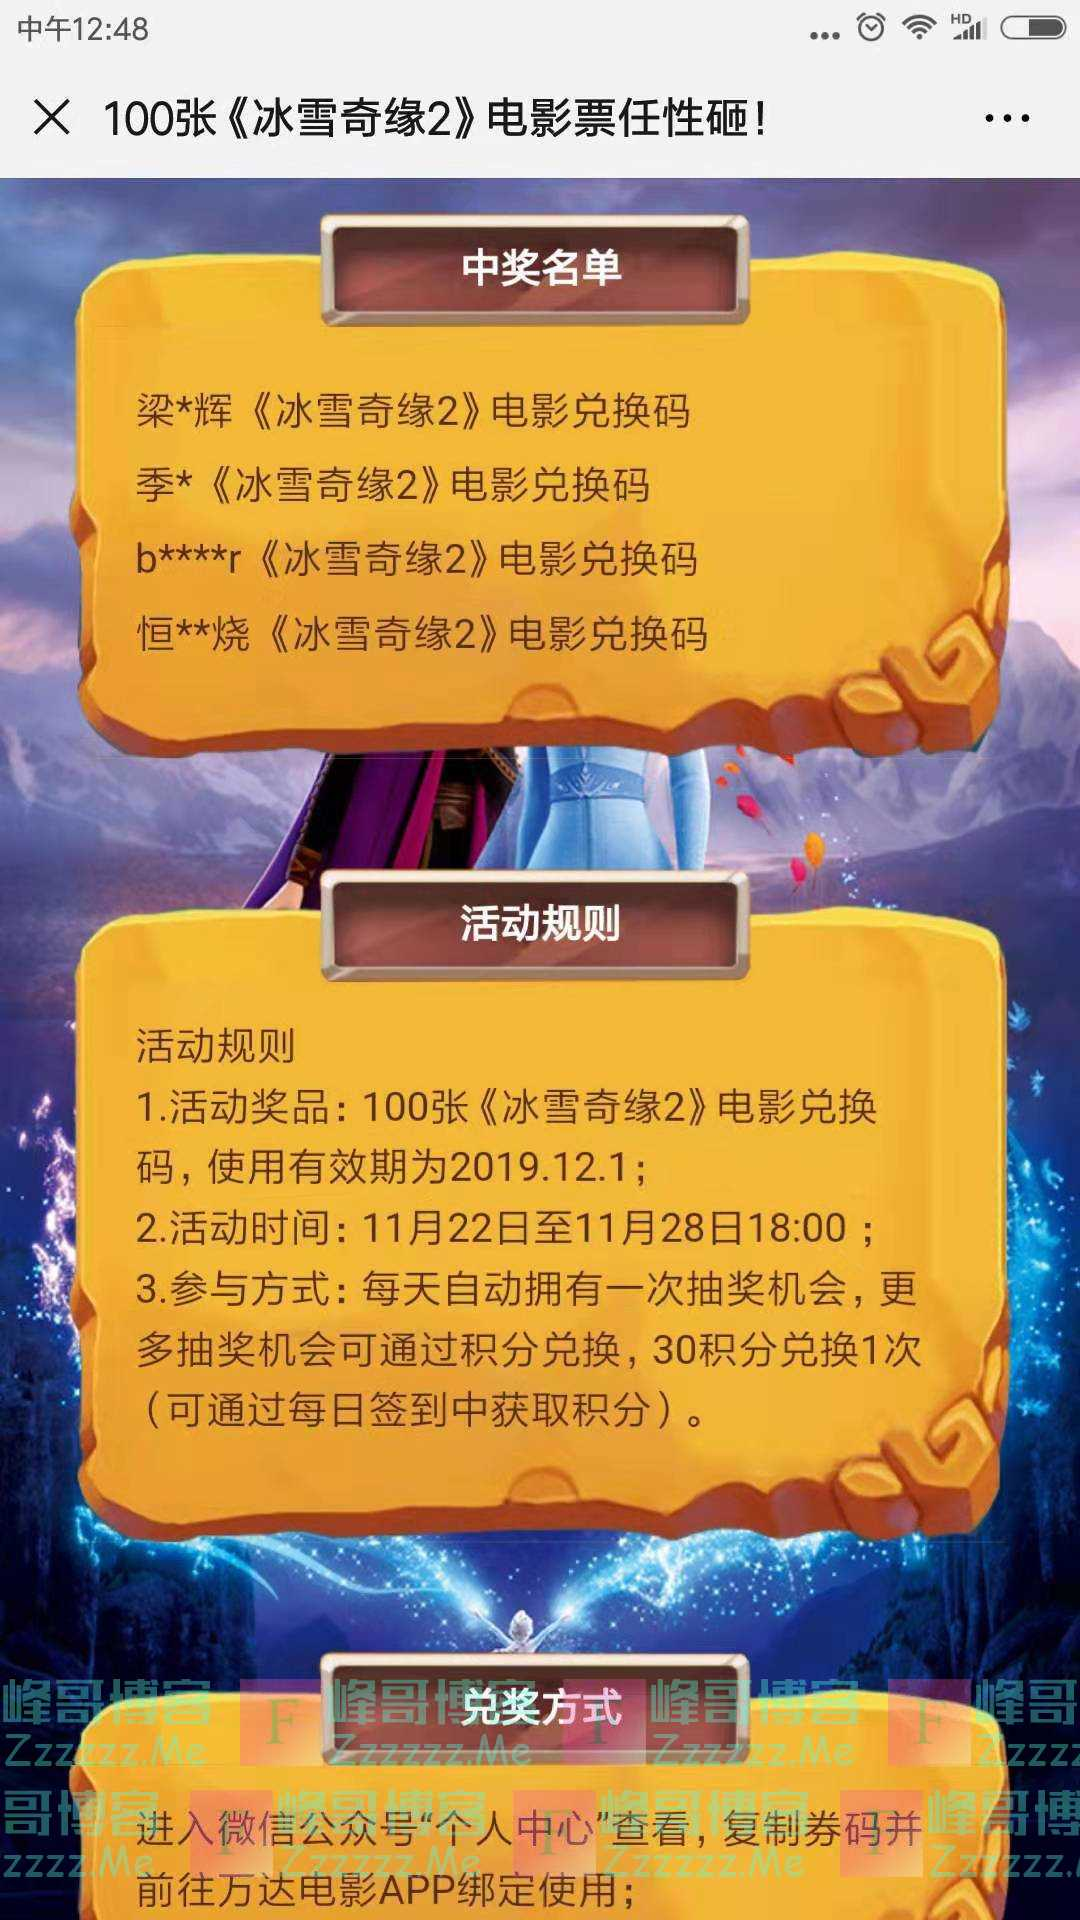 万达电影生活抽200张冰雪奇缘2(截止11月28日)